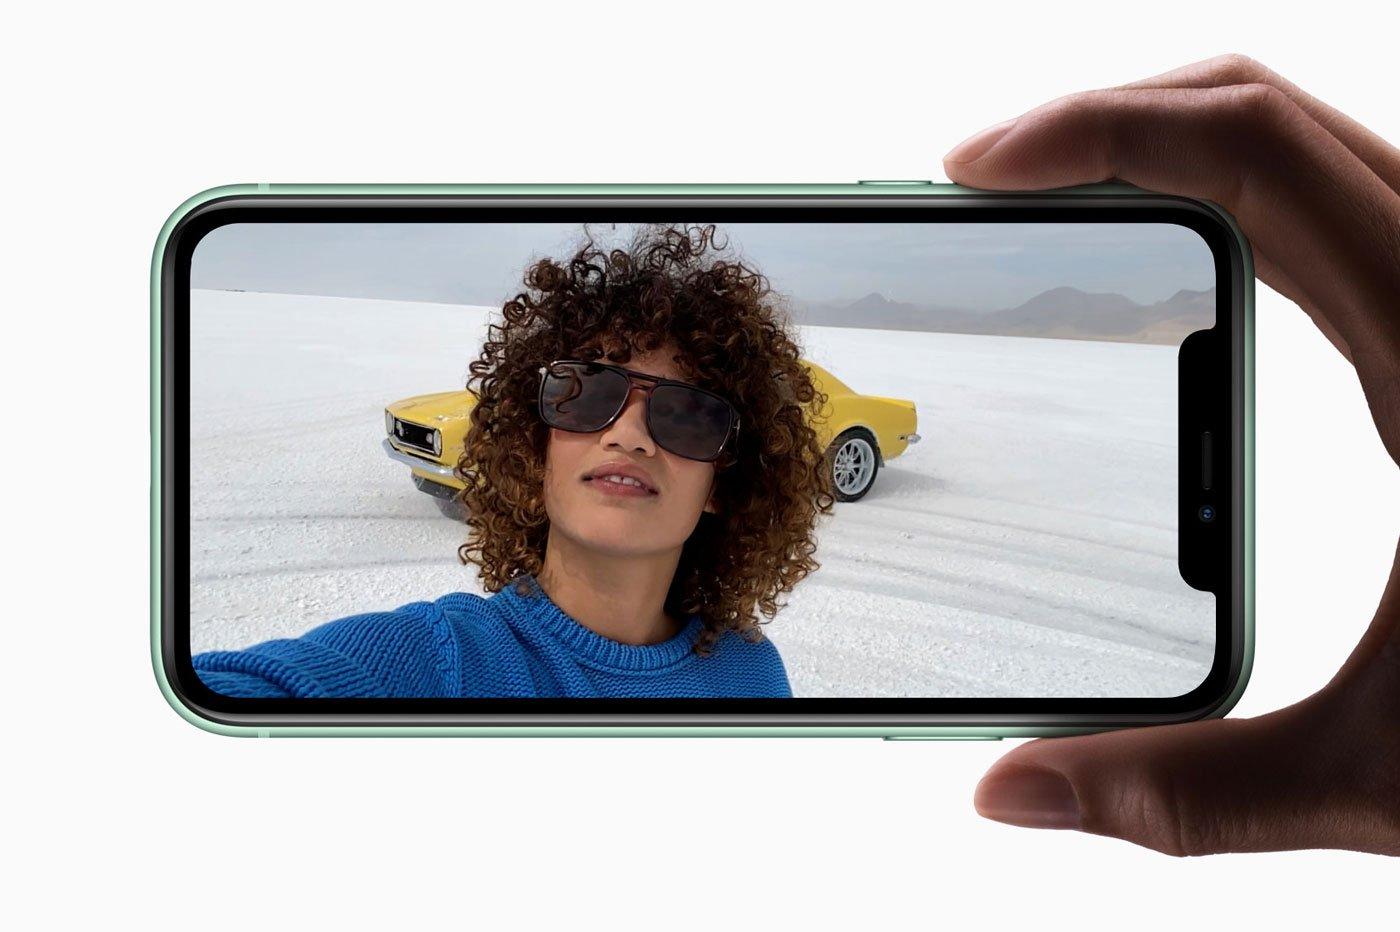 Où précommander l'iPhone 11 au meilleur prix en 2019 ?